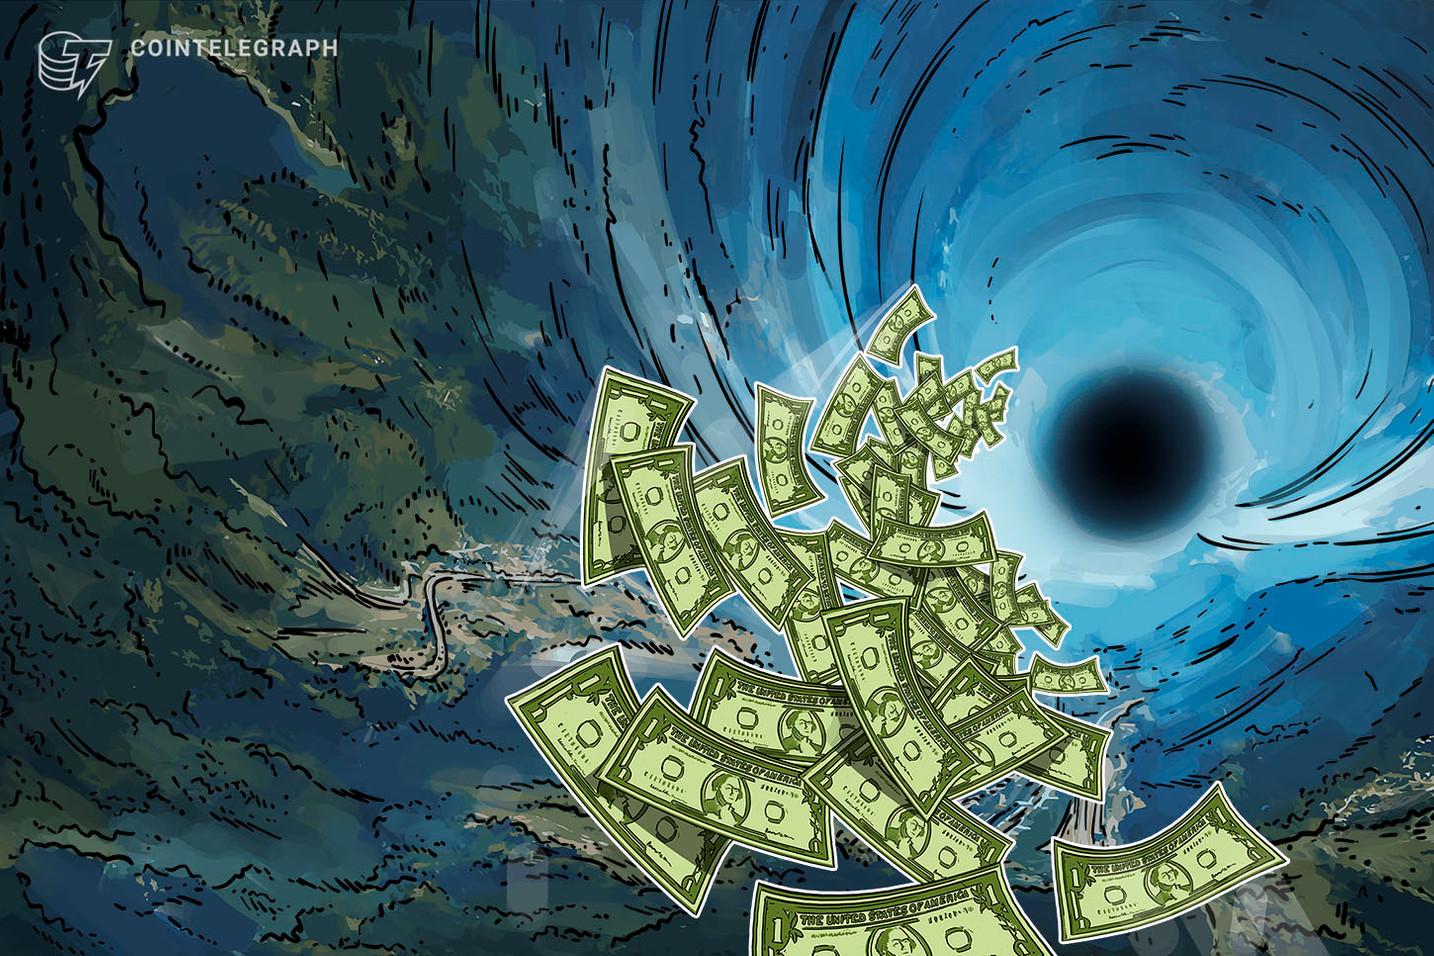 Prestamistas de margen en Poloniex perdieron USD 13.5 millones debido a la caída repentina